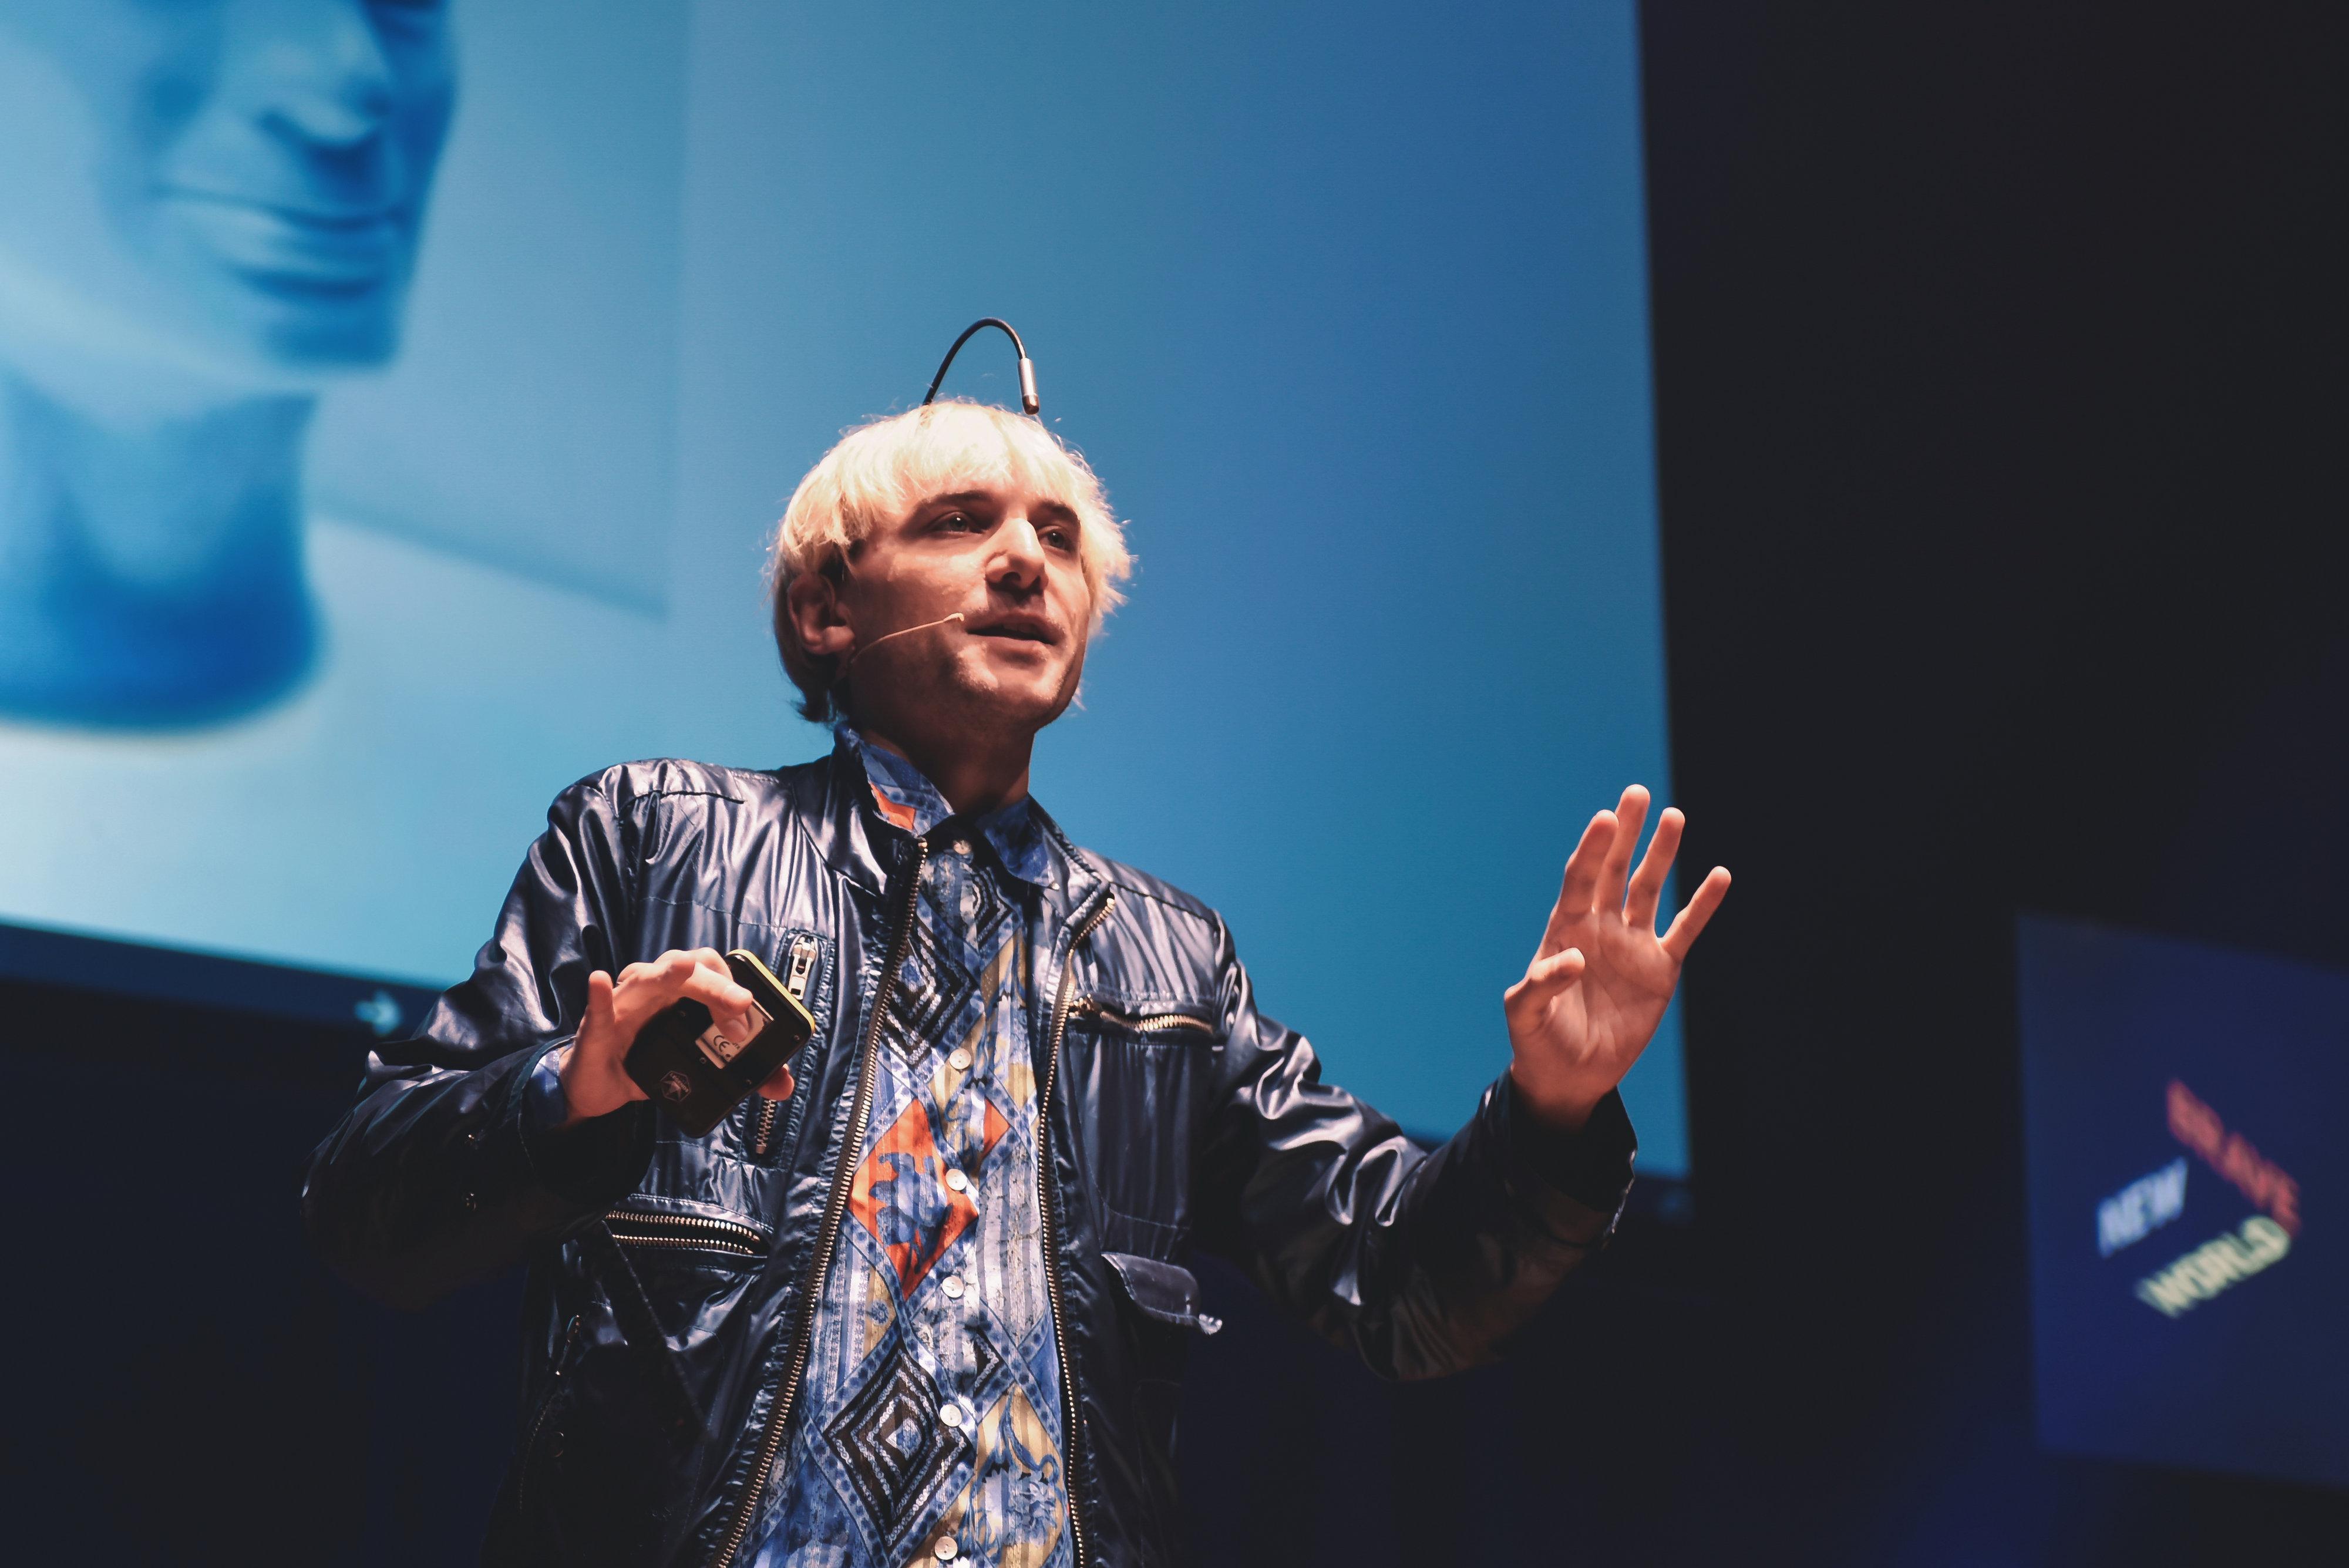 Technologische Ontwikkelingen Koelkasten : Invloed technologie op samenleving ontwikkelingen nederland